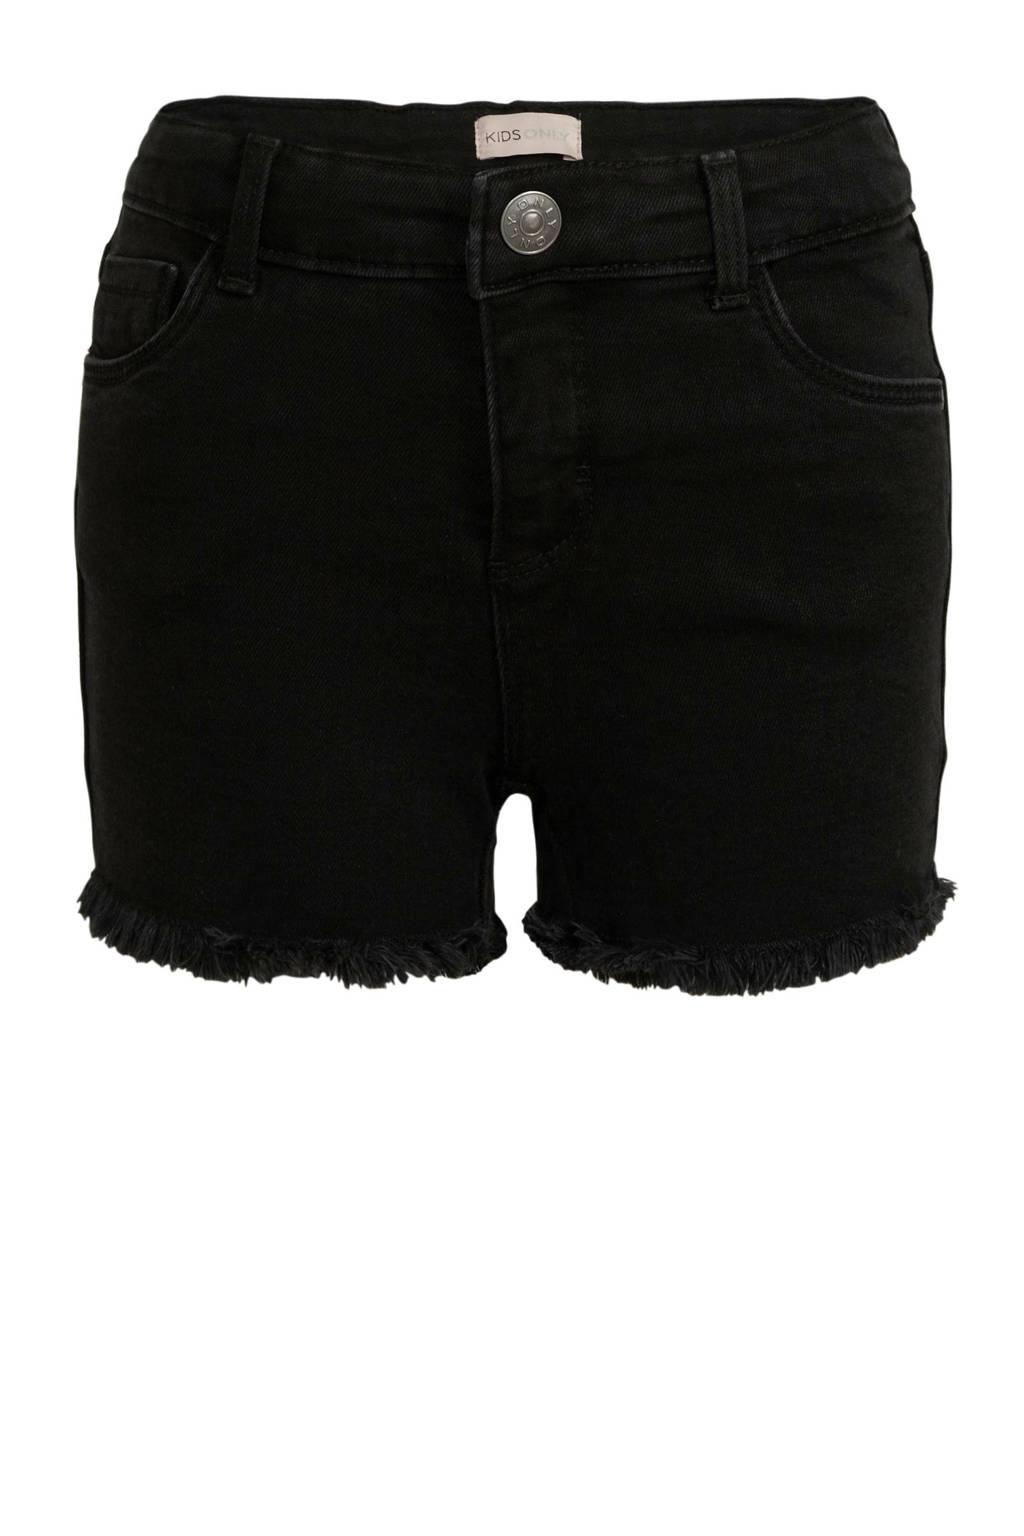 KIDS ONLY hight waist short Rachel zwart, Zwart